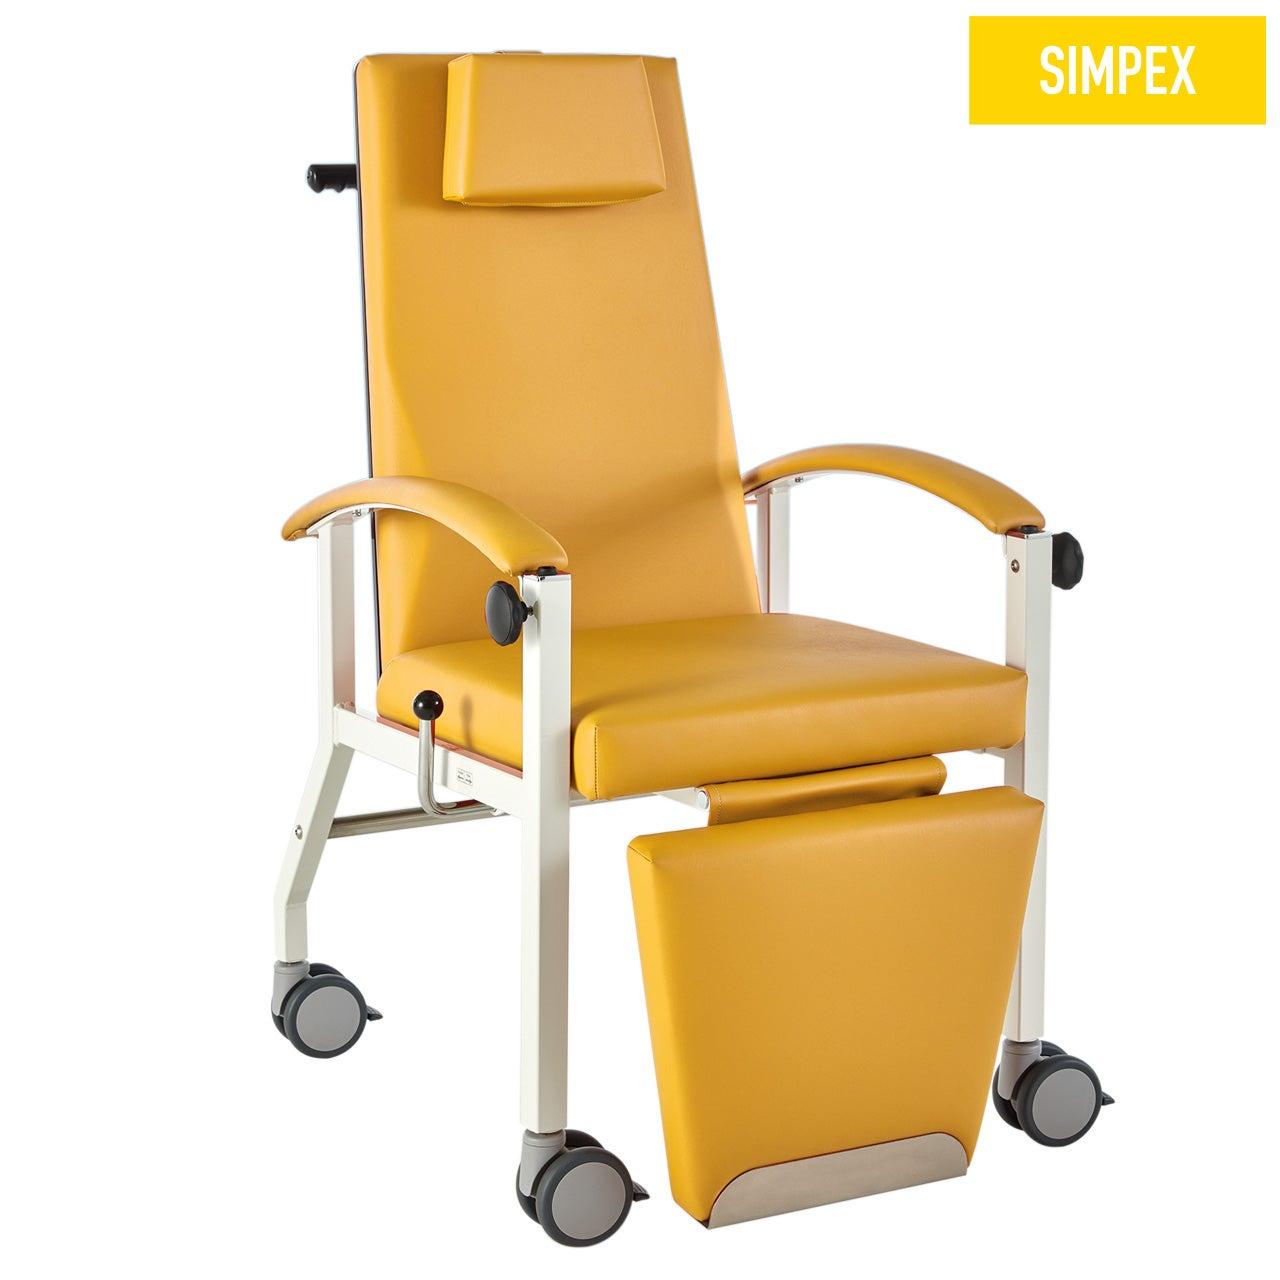 Blutentnahmestuhl Liegesessel HAEMO-FLEXA Arcus Mobil mit Kunstleder in gelb (mais) und einem Gestell aus Stahl grauweiß gepulvert von SIMPEX